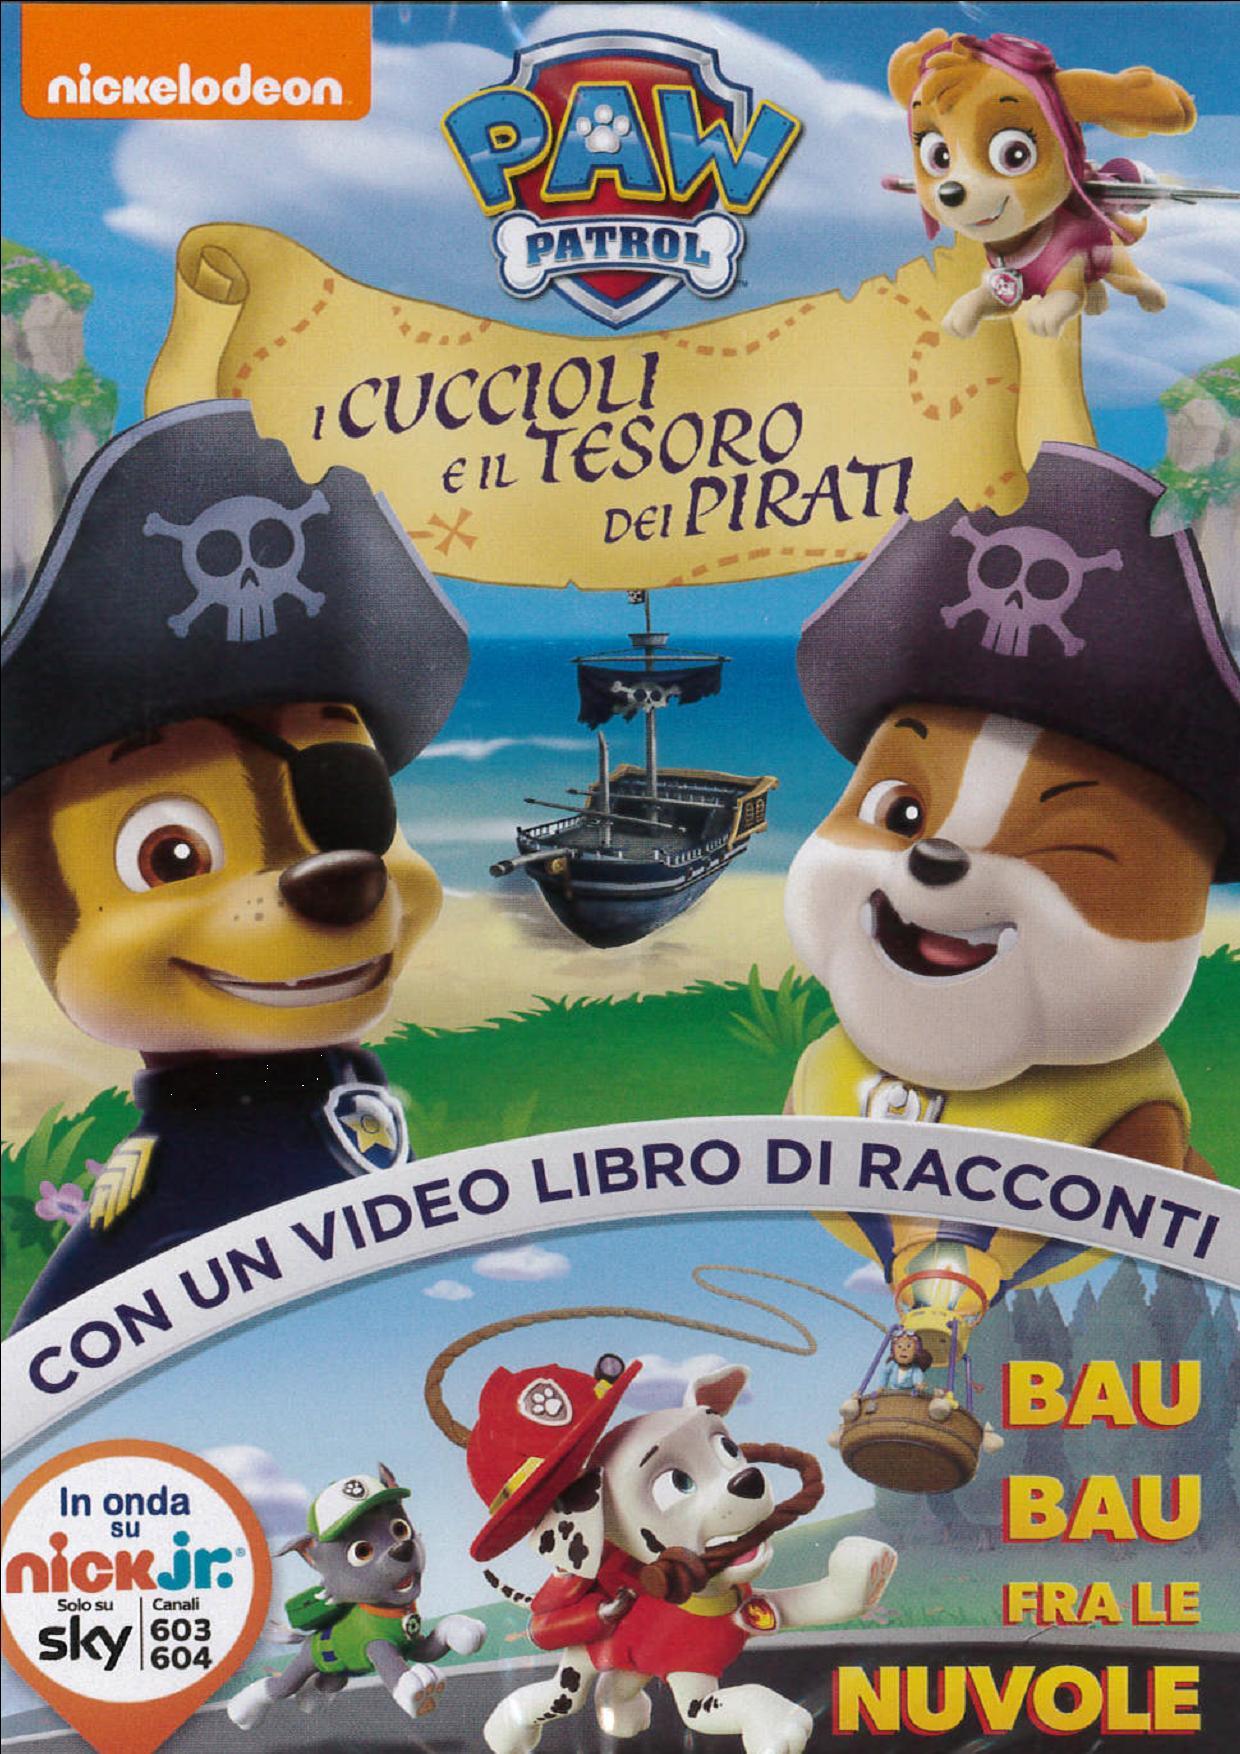 PAW PATROL - I CUCCIOLI E IL TESORO DEI PIRATI (DVD)